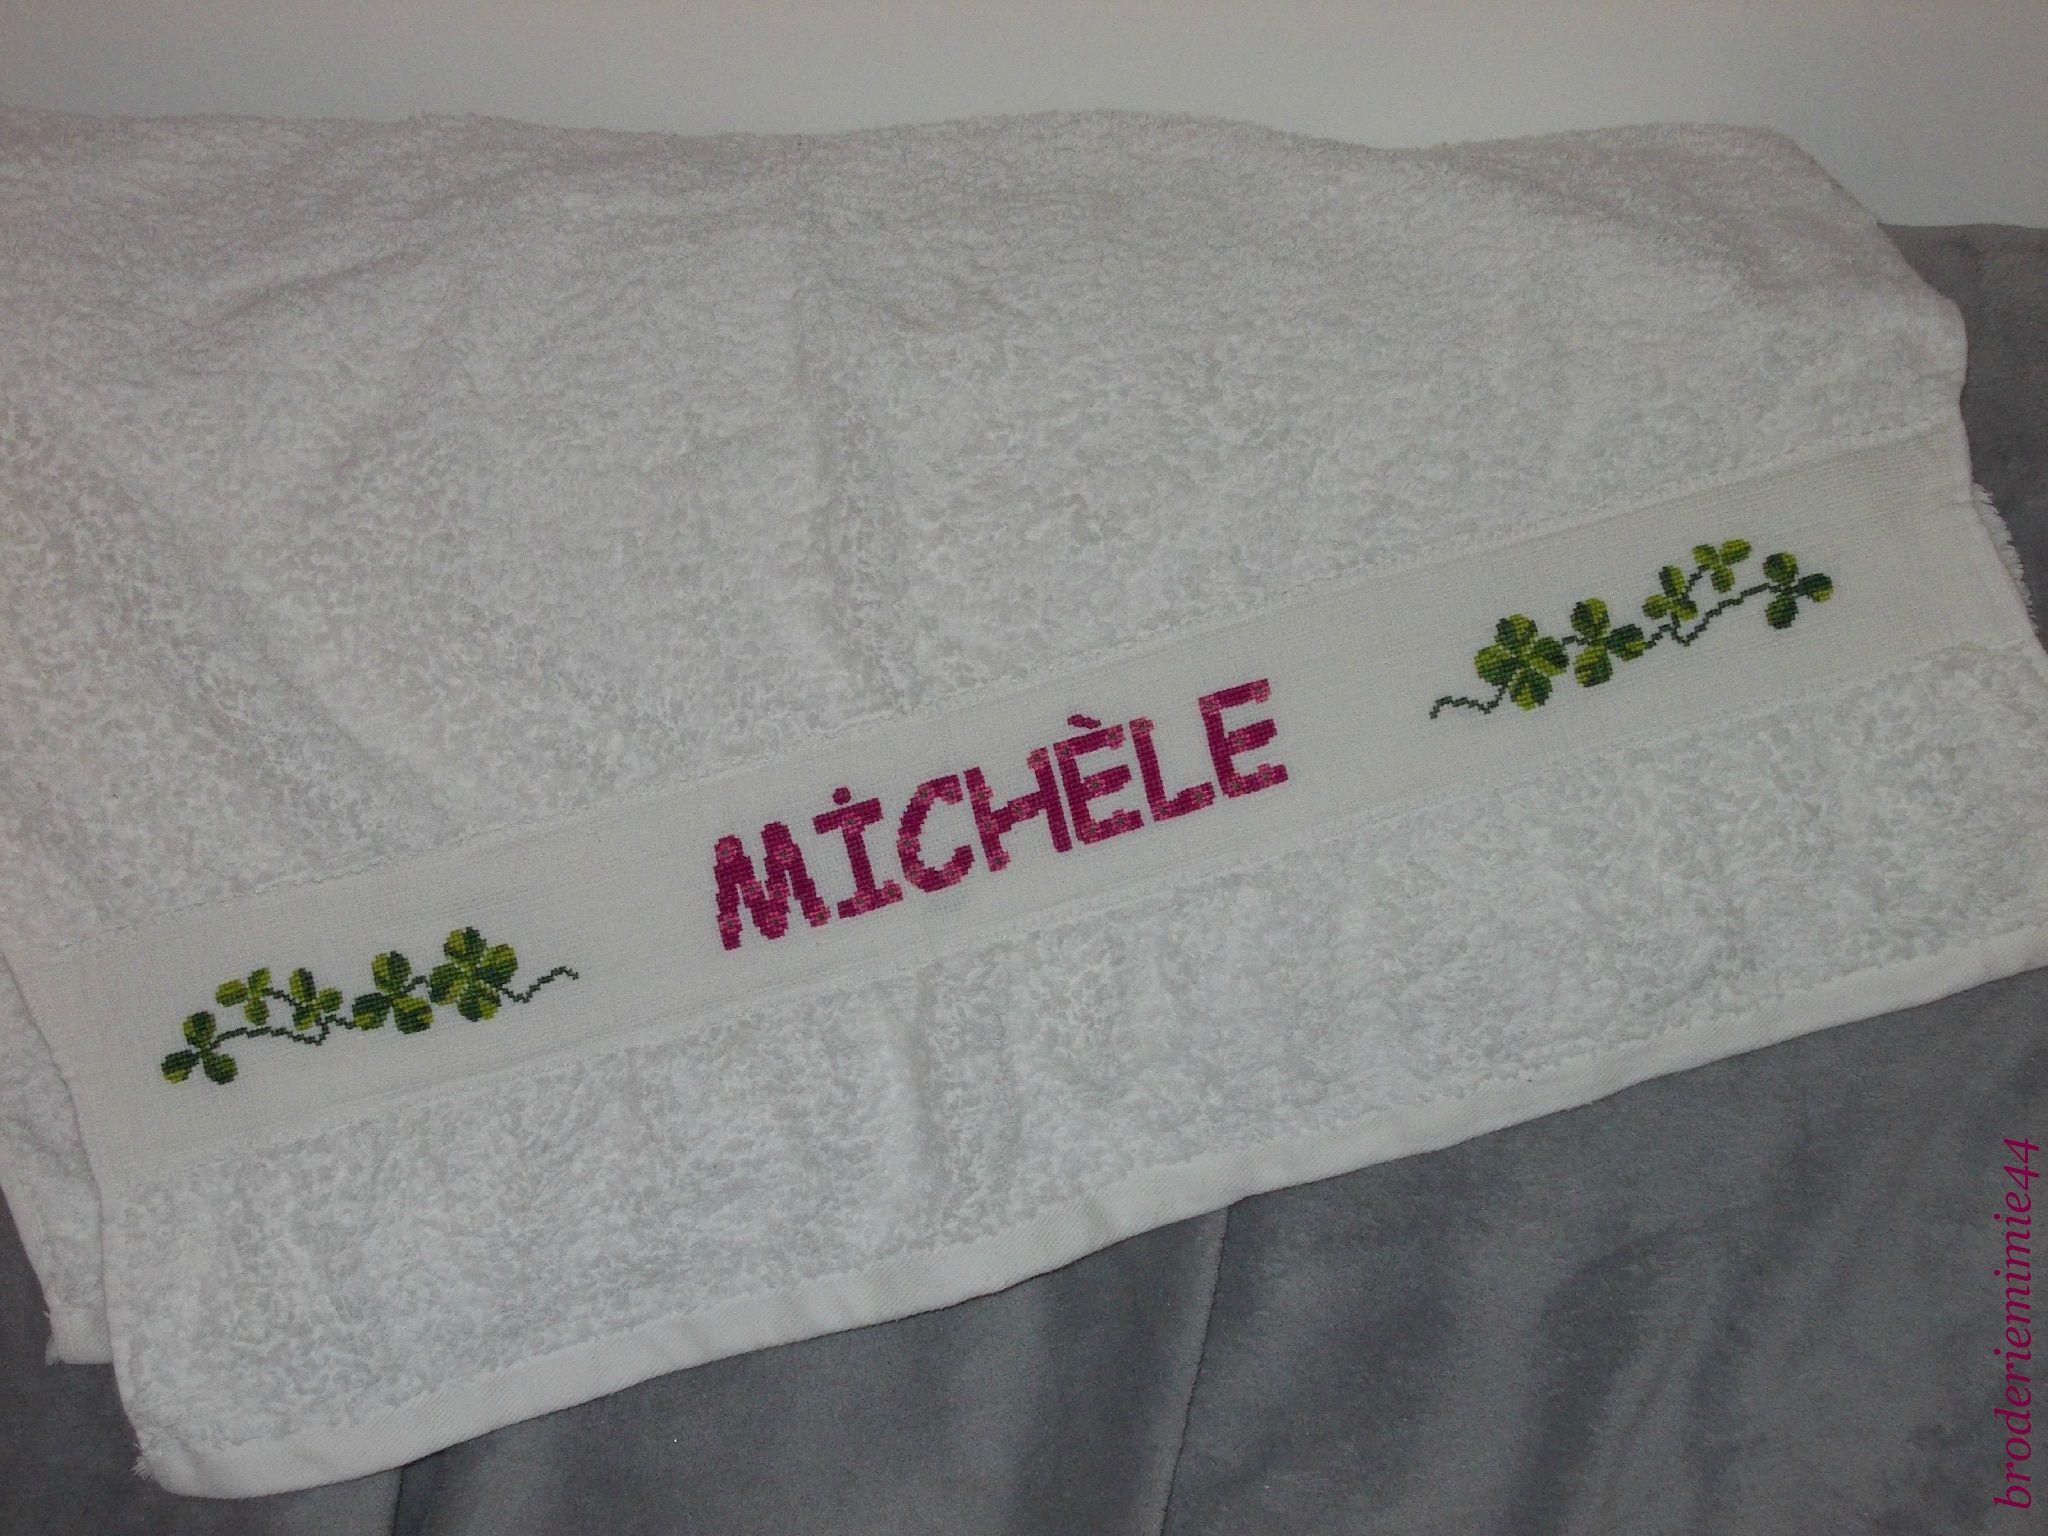 Drap de bains. Trèfle - Michèle. Brodé mains. - point de croix - cross stitch - broderie - embroidery -. Blog : http://broderiemimie44.canalblog.com/